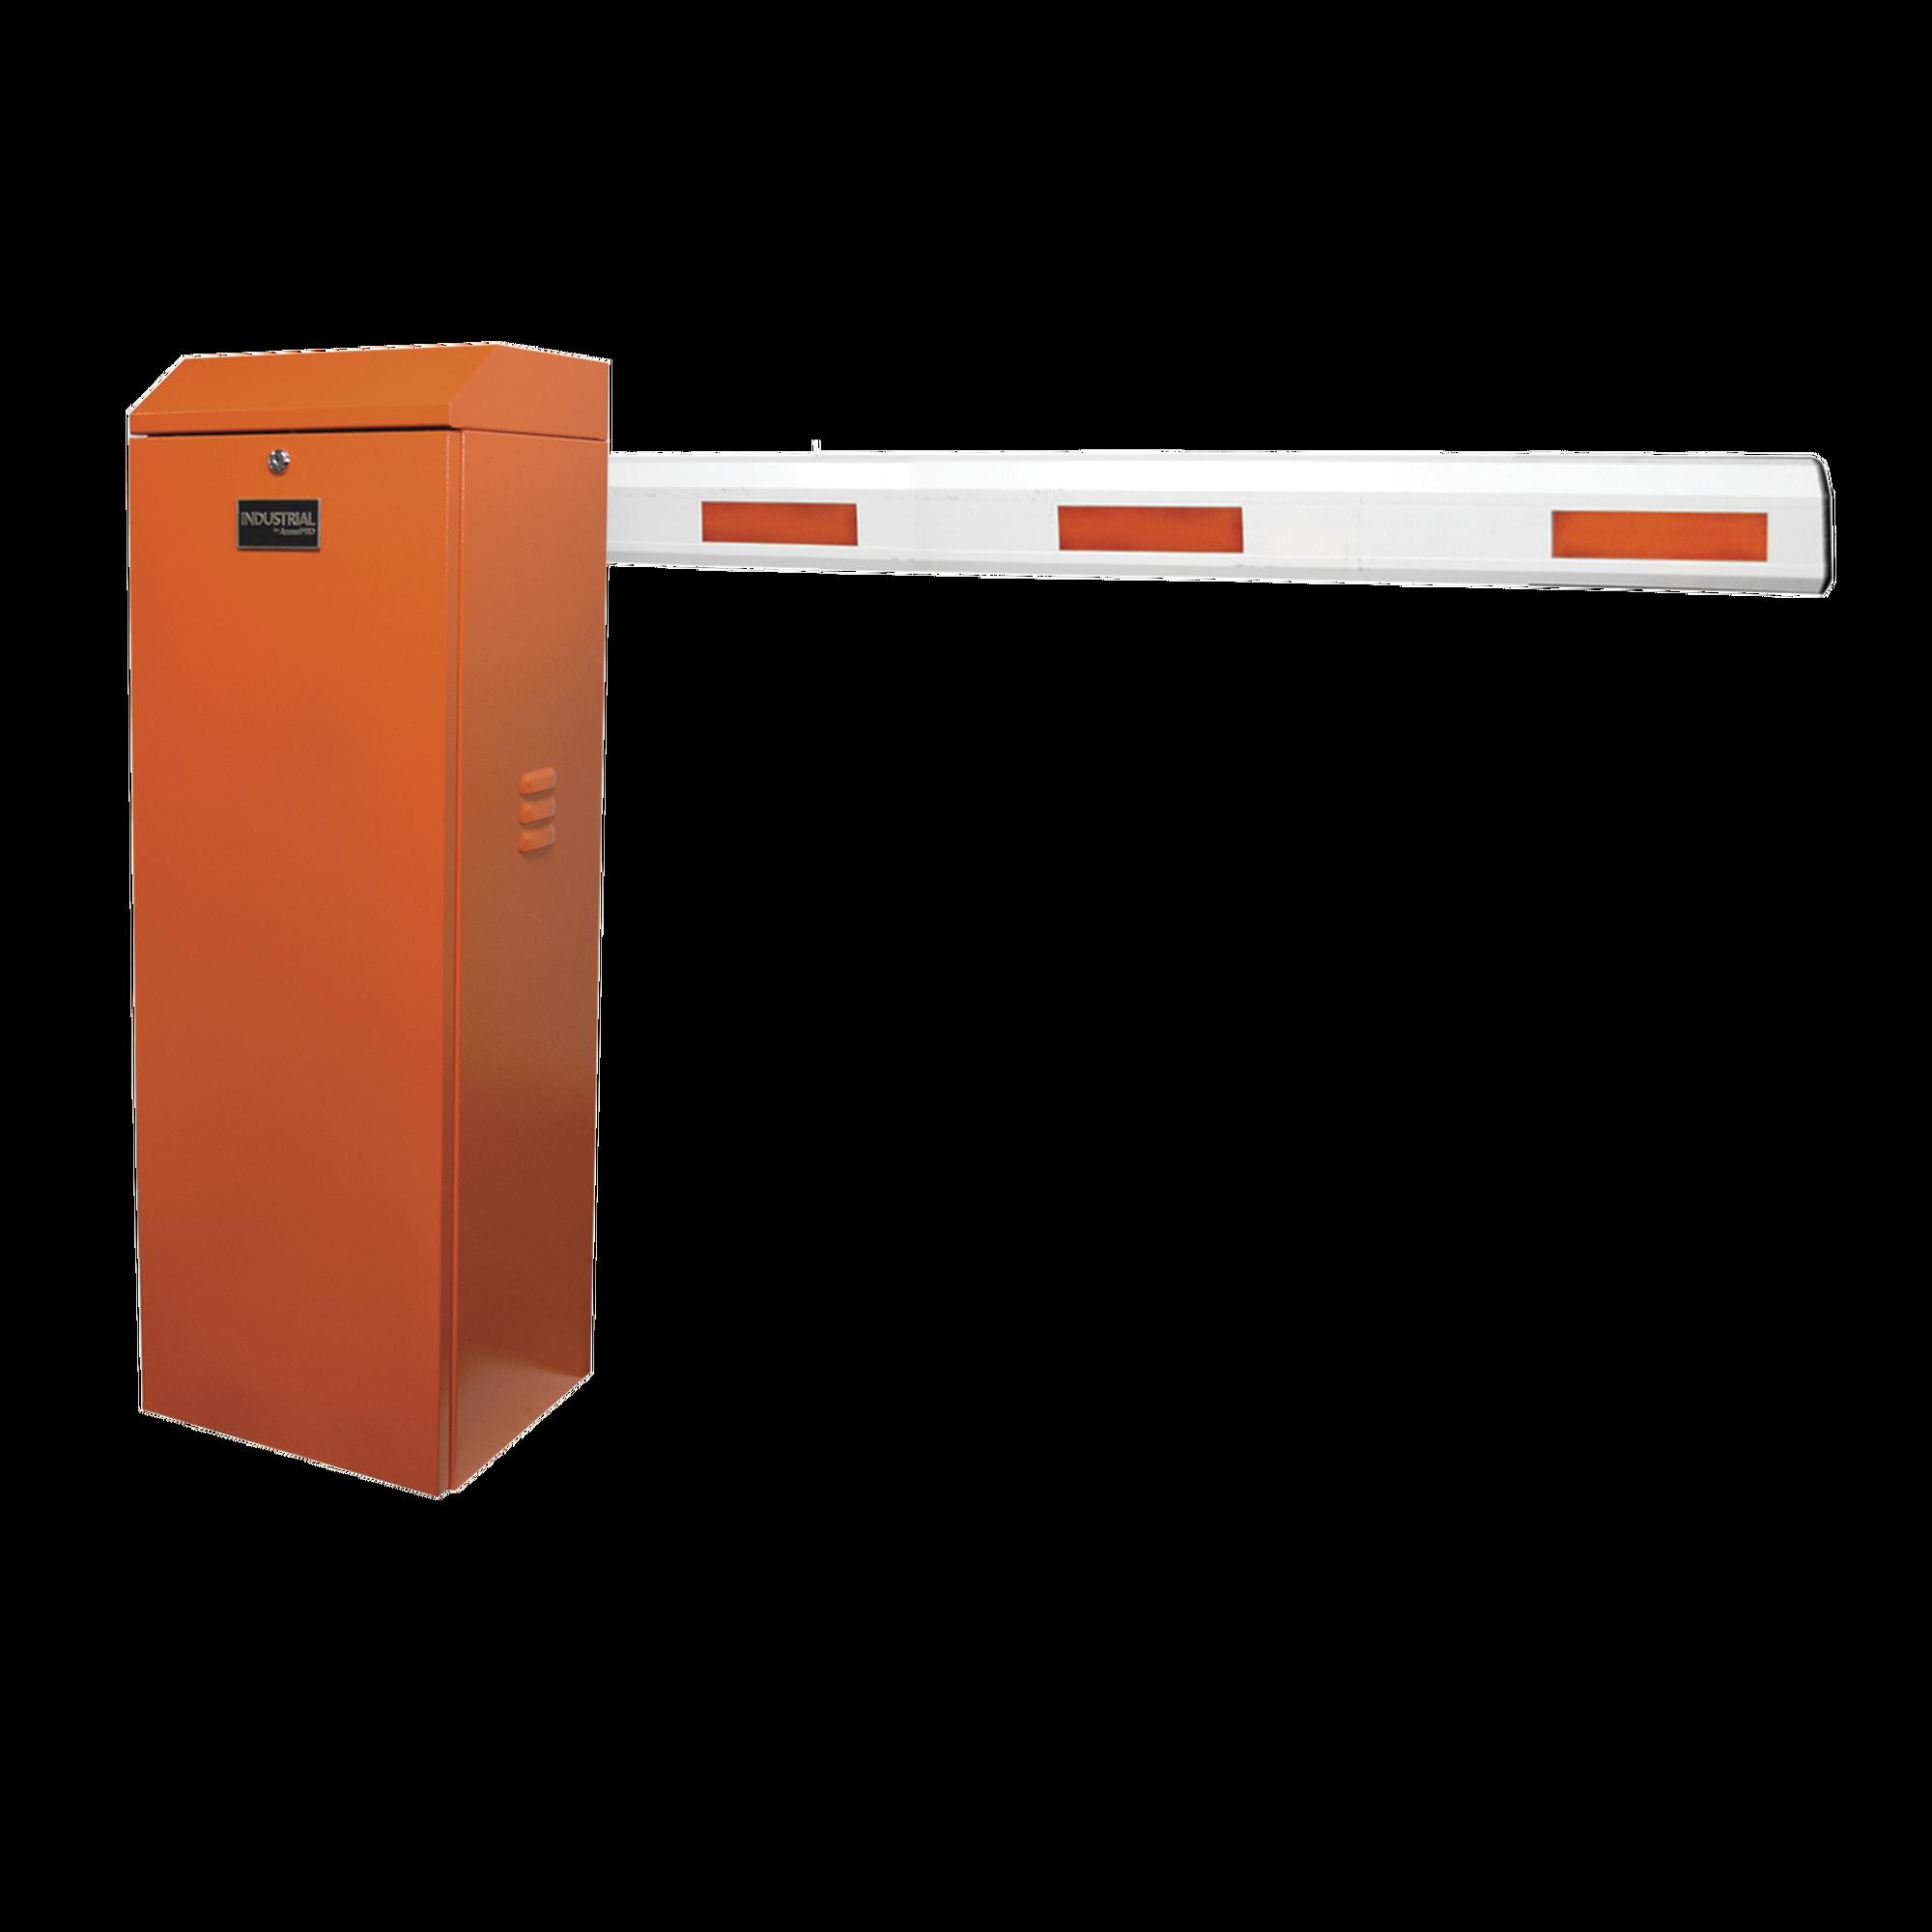 Kit de Barrera Vehicular Derecha Color Naranja y Brazo de 3 m